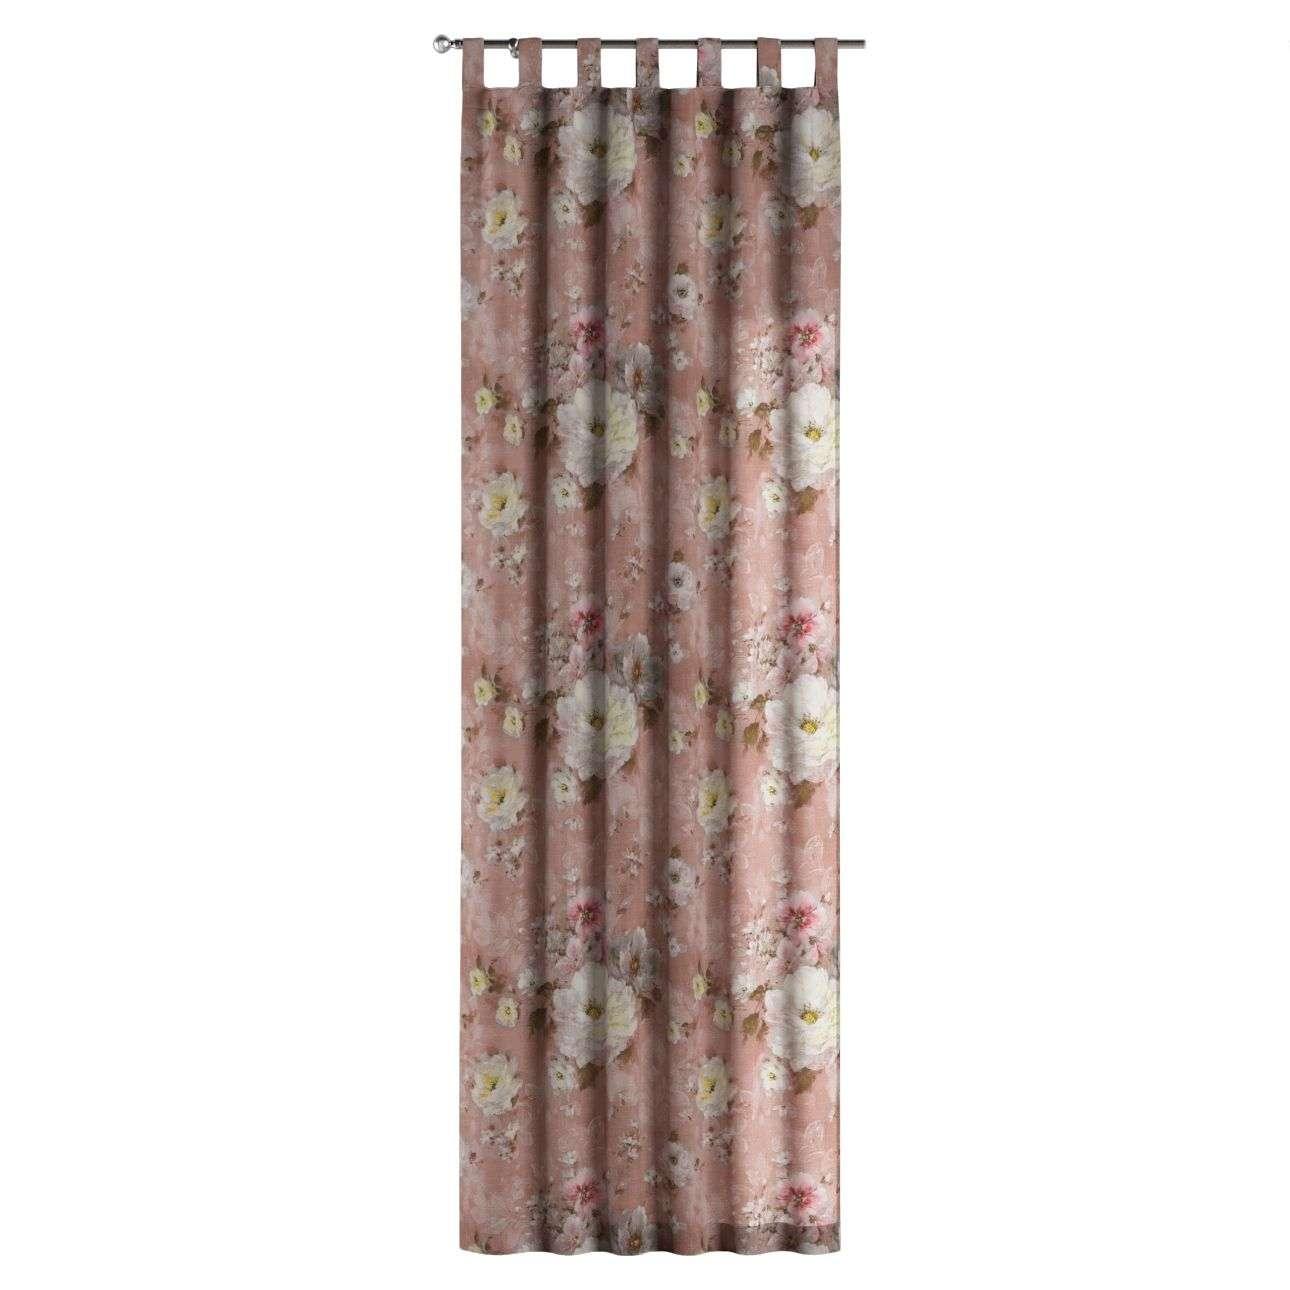 Kilpinio klostavimo užuolaidos 130 x 260 cm (plotis x ilgis) kolekcijoje Monet, audinys: 137-83